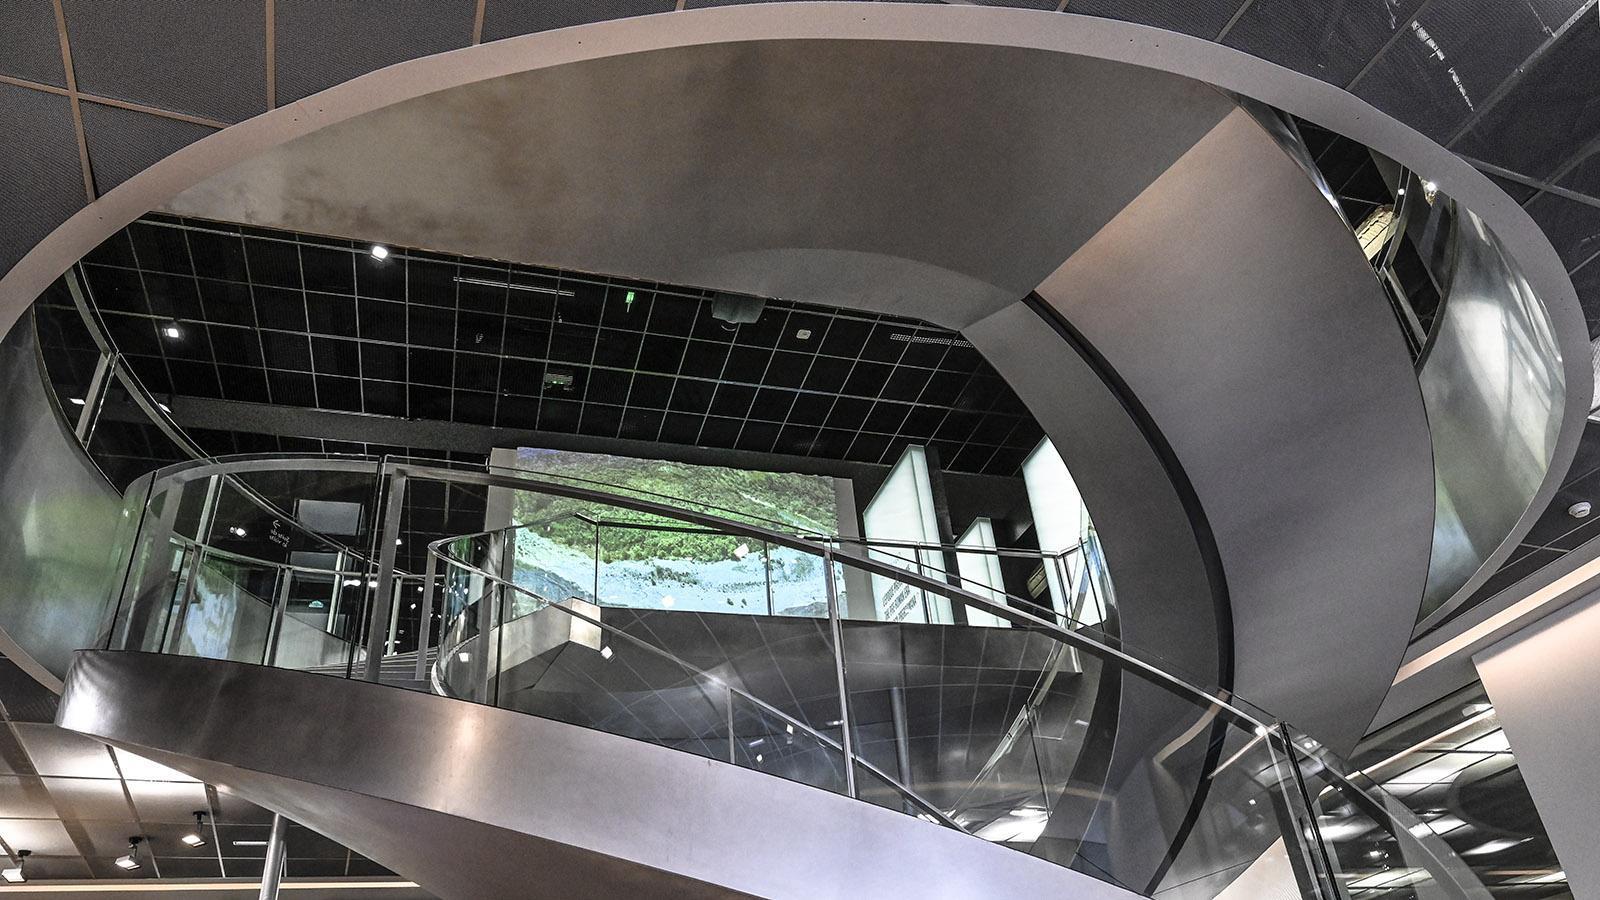 Nîmes: Die Doppeltreppe des Musée de la Romanité. Foto: Hilke Maunder